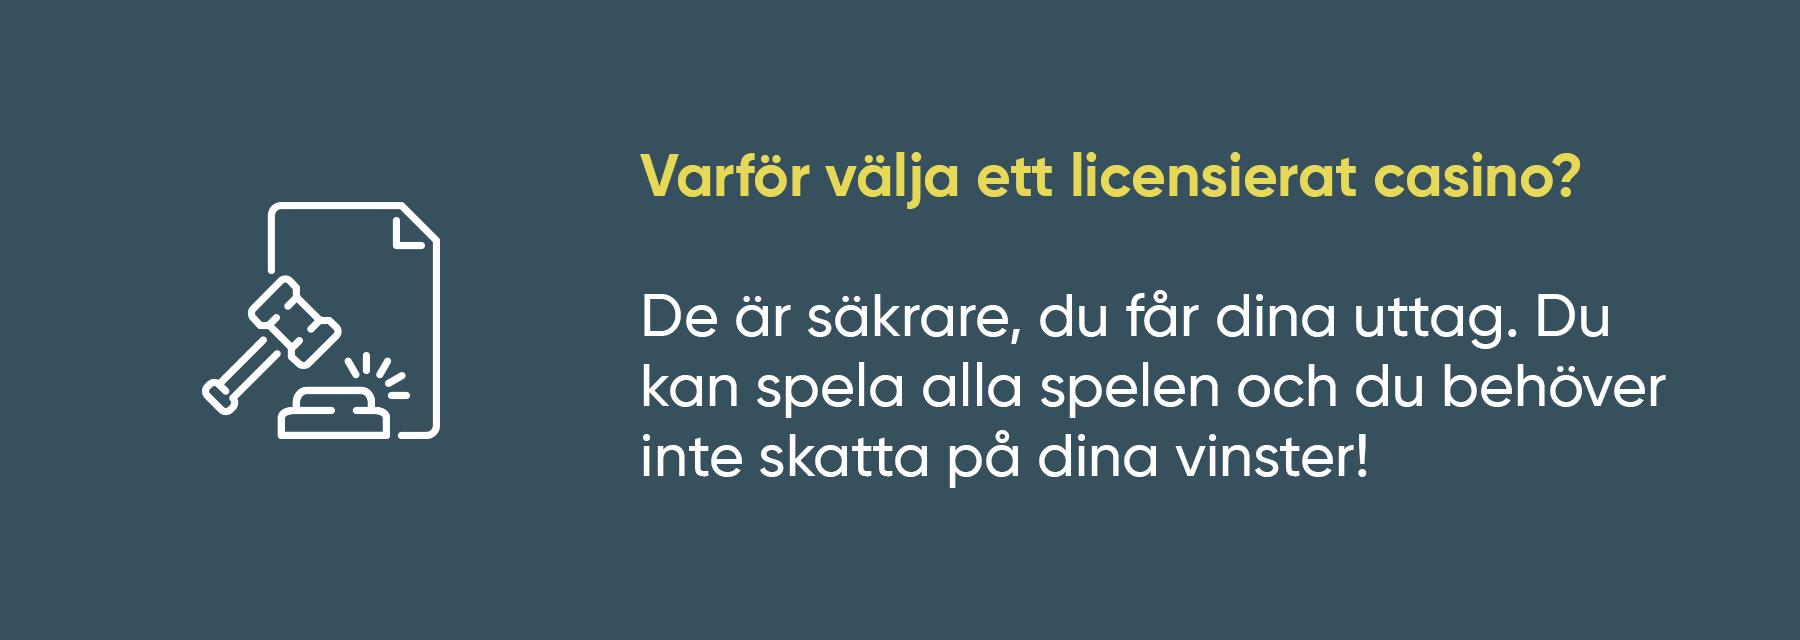 Därför ska du alltid välja ett casino med svensk licens!